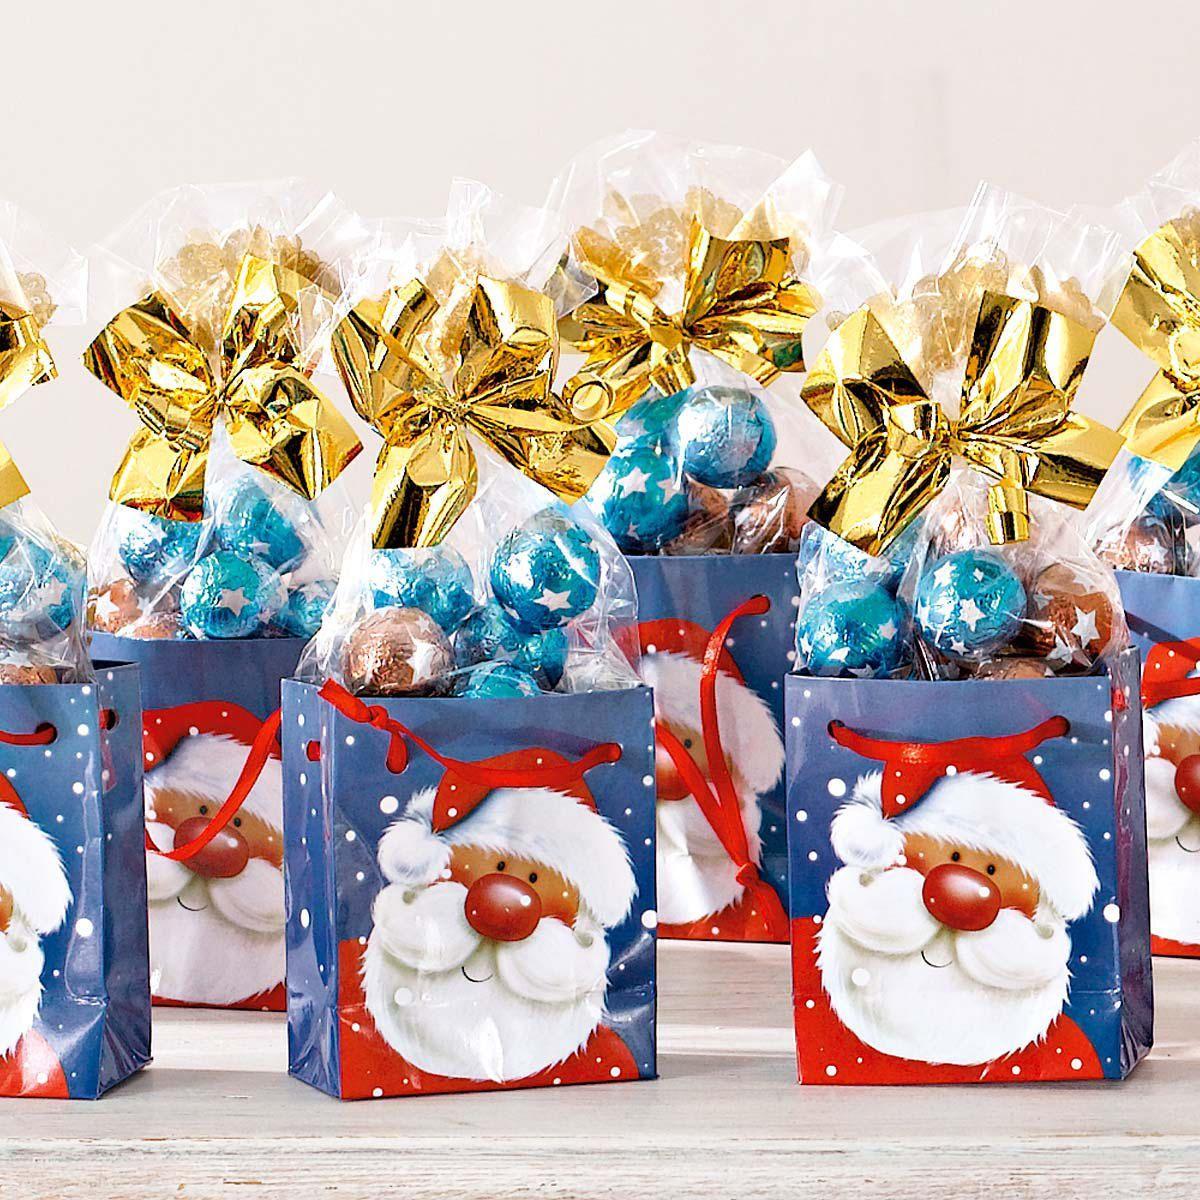 Weihnachtstüten